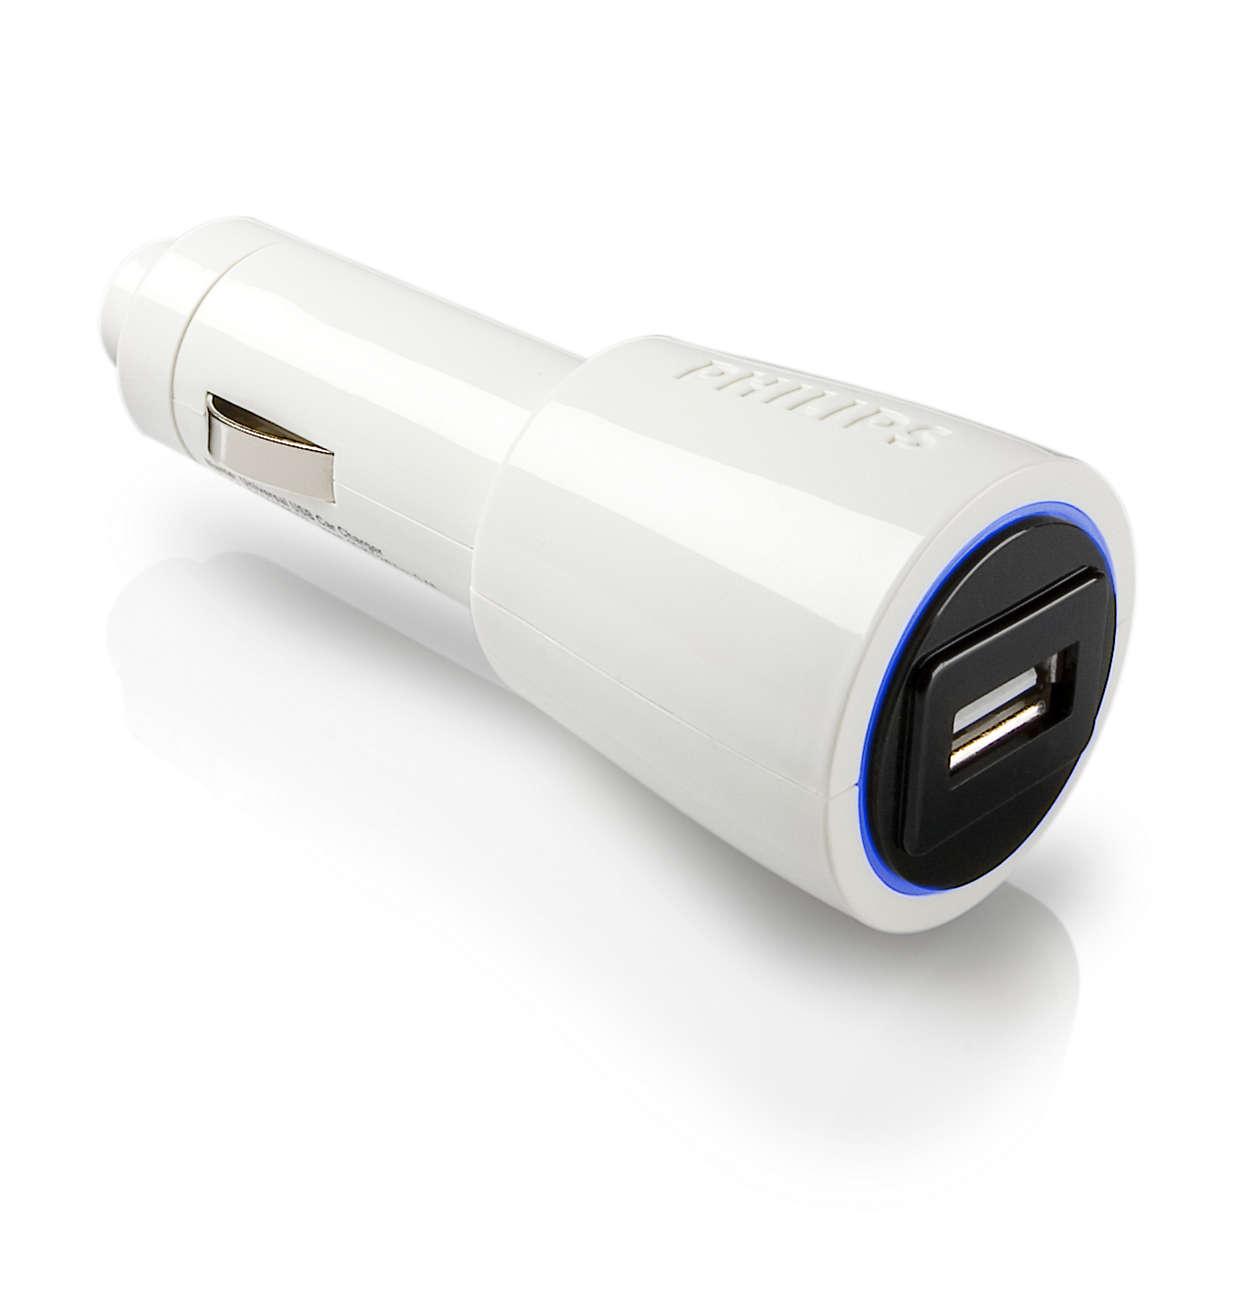 Încărcaţi dispozitivele USB pe drum